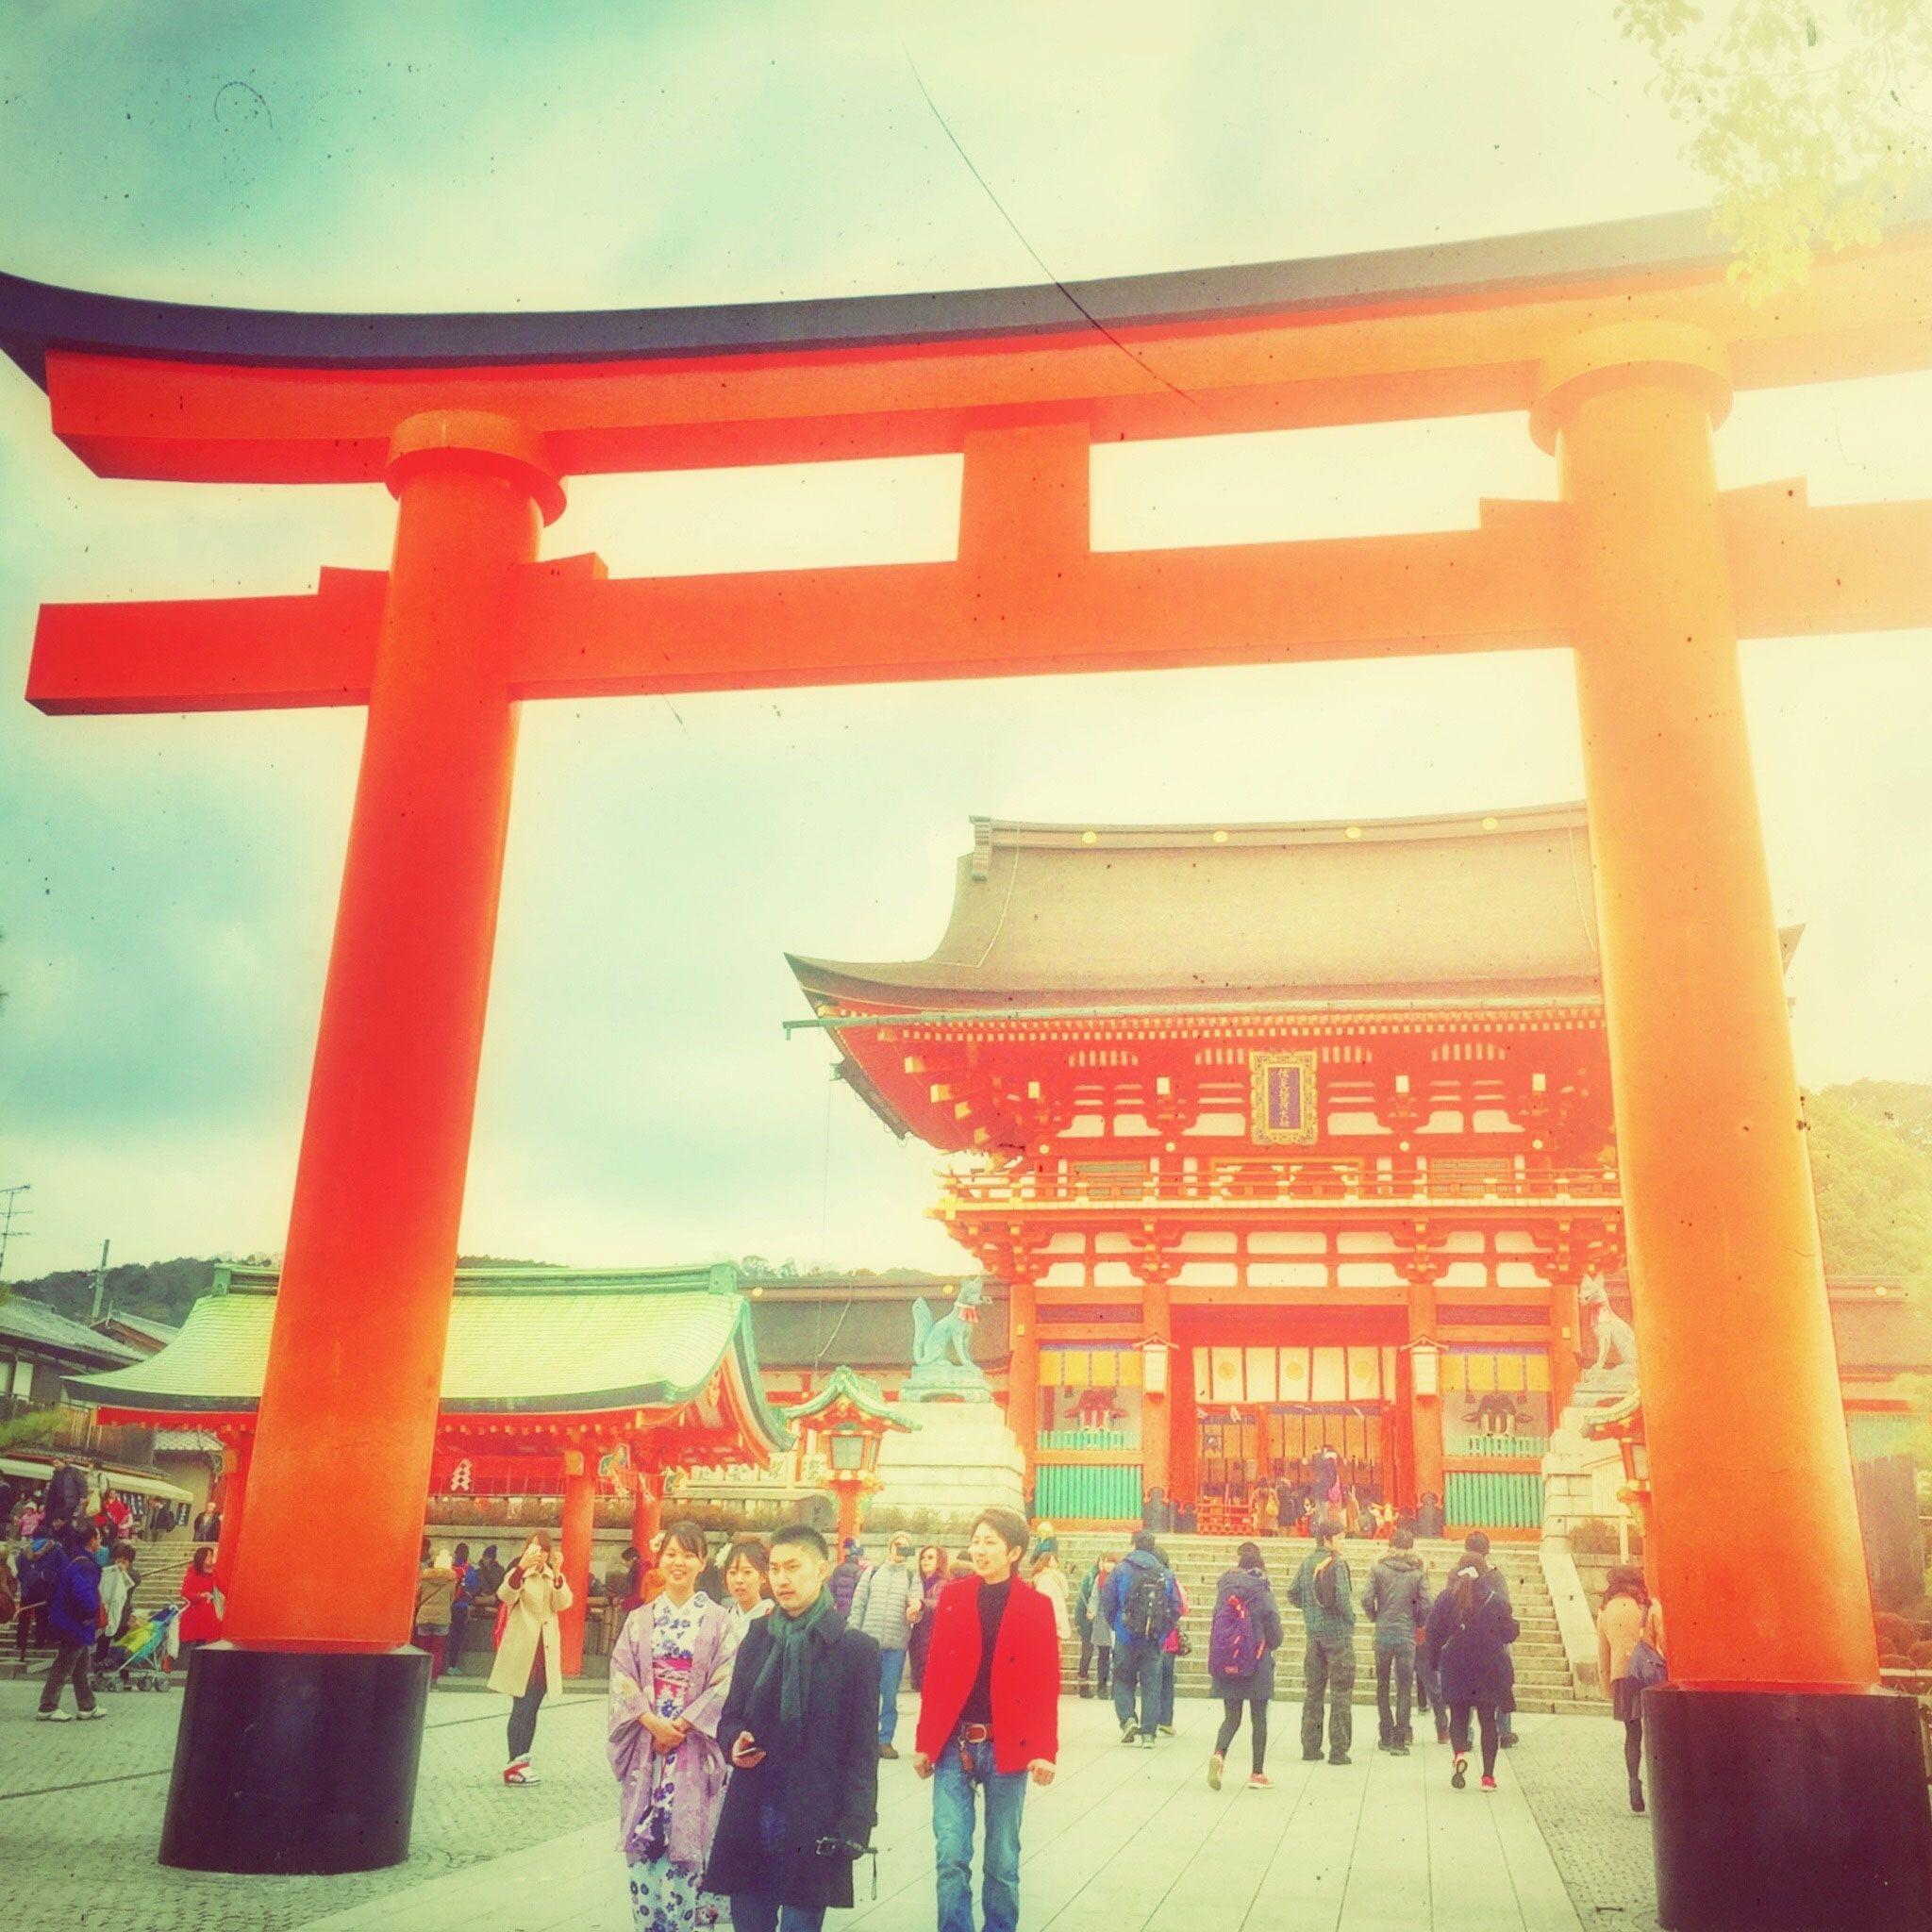 注意 更正并替换 展现世界第一旅游名城 京都 的魅力 株式会社soft contents management facebook主页 kyoto luv 上线48天点赞数已超20万 asia travel travel photo